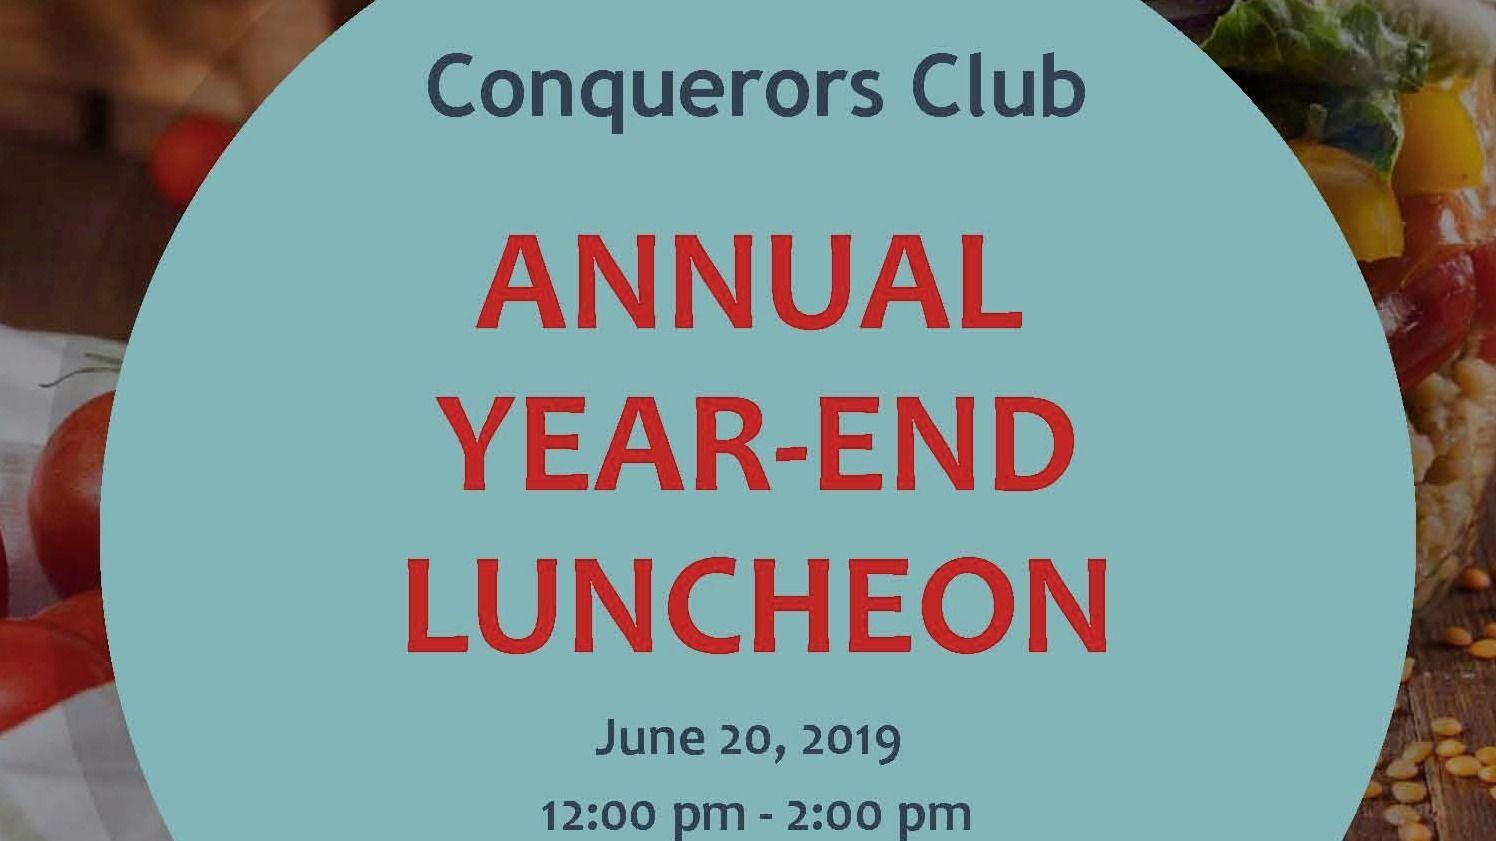 Conqueror's Club Toastmasters